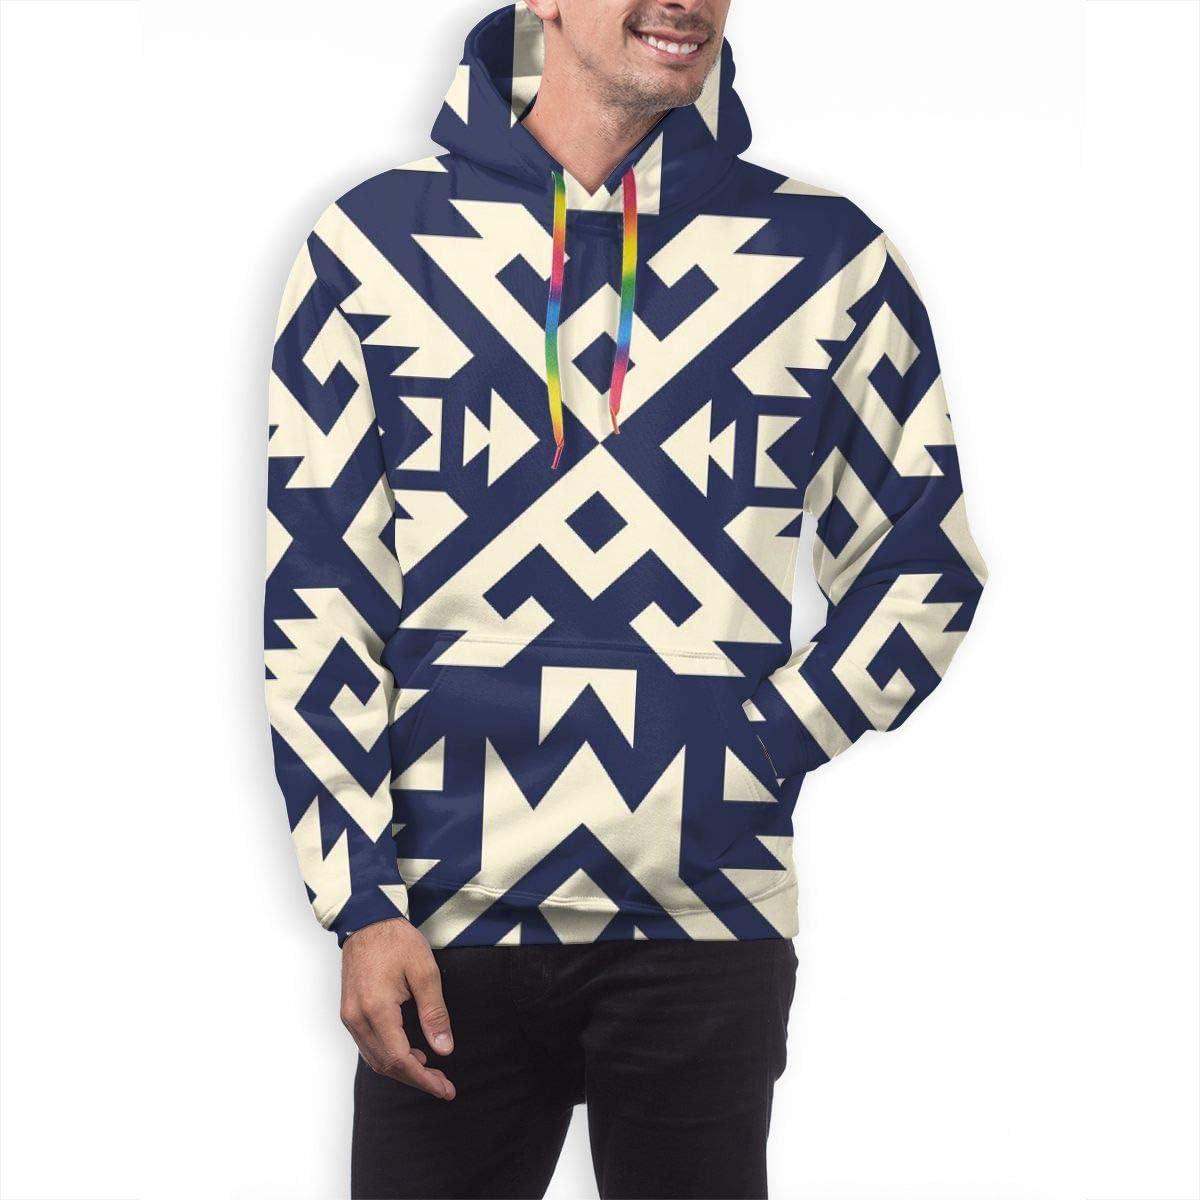 Mens Hoodie Tribal Navajo Vector Seamless Pattern Aztec Fancy Abstract Geometric Sweatshirt